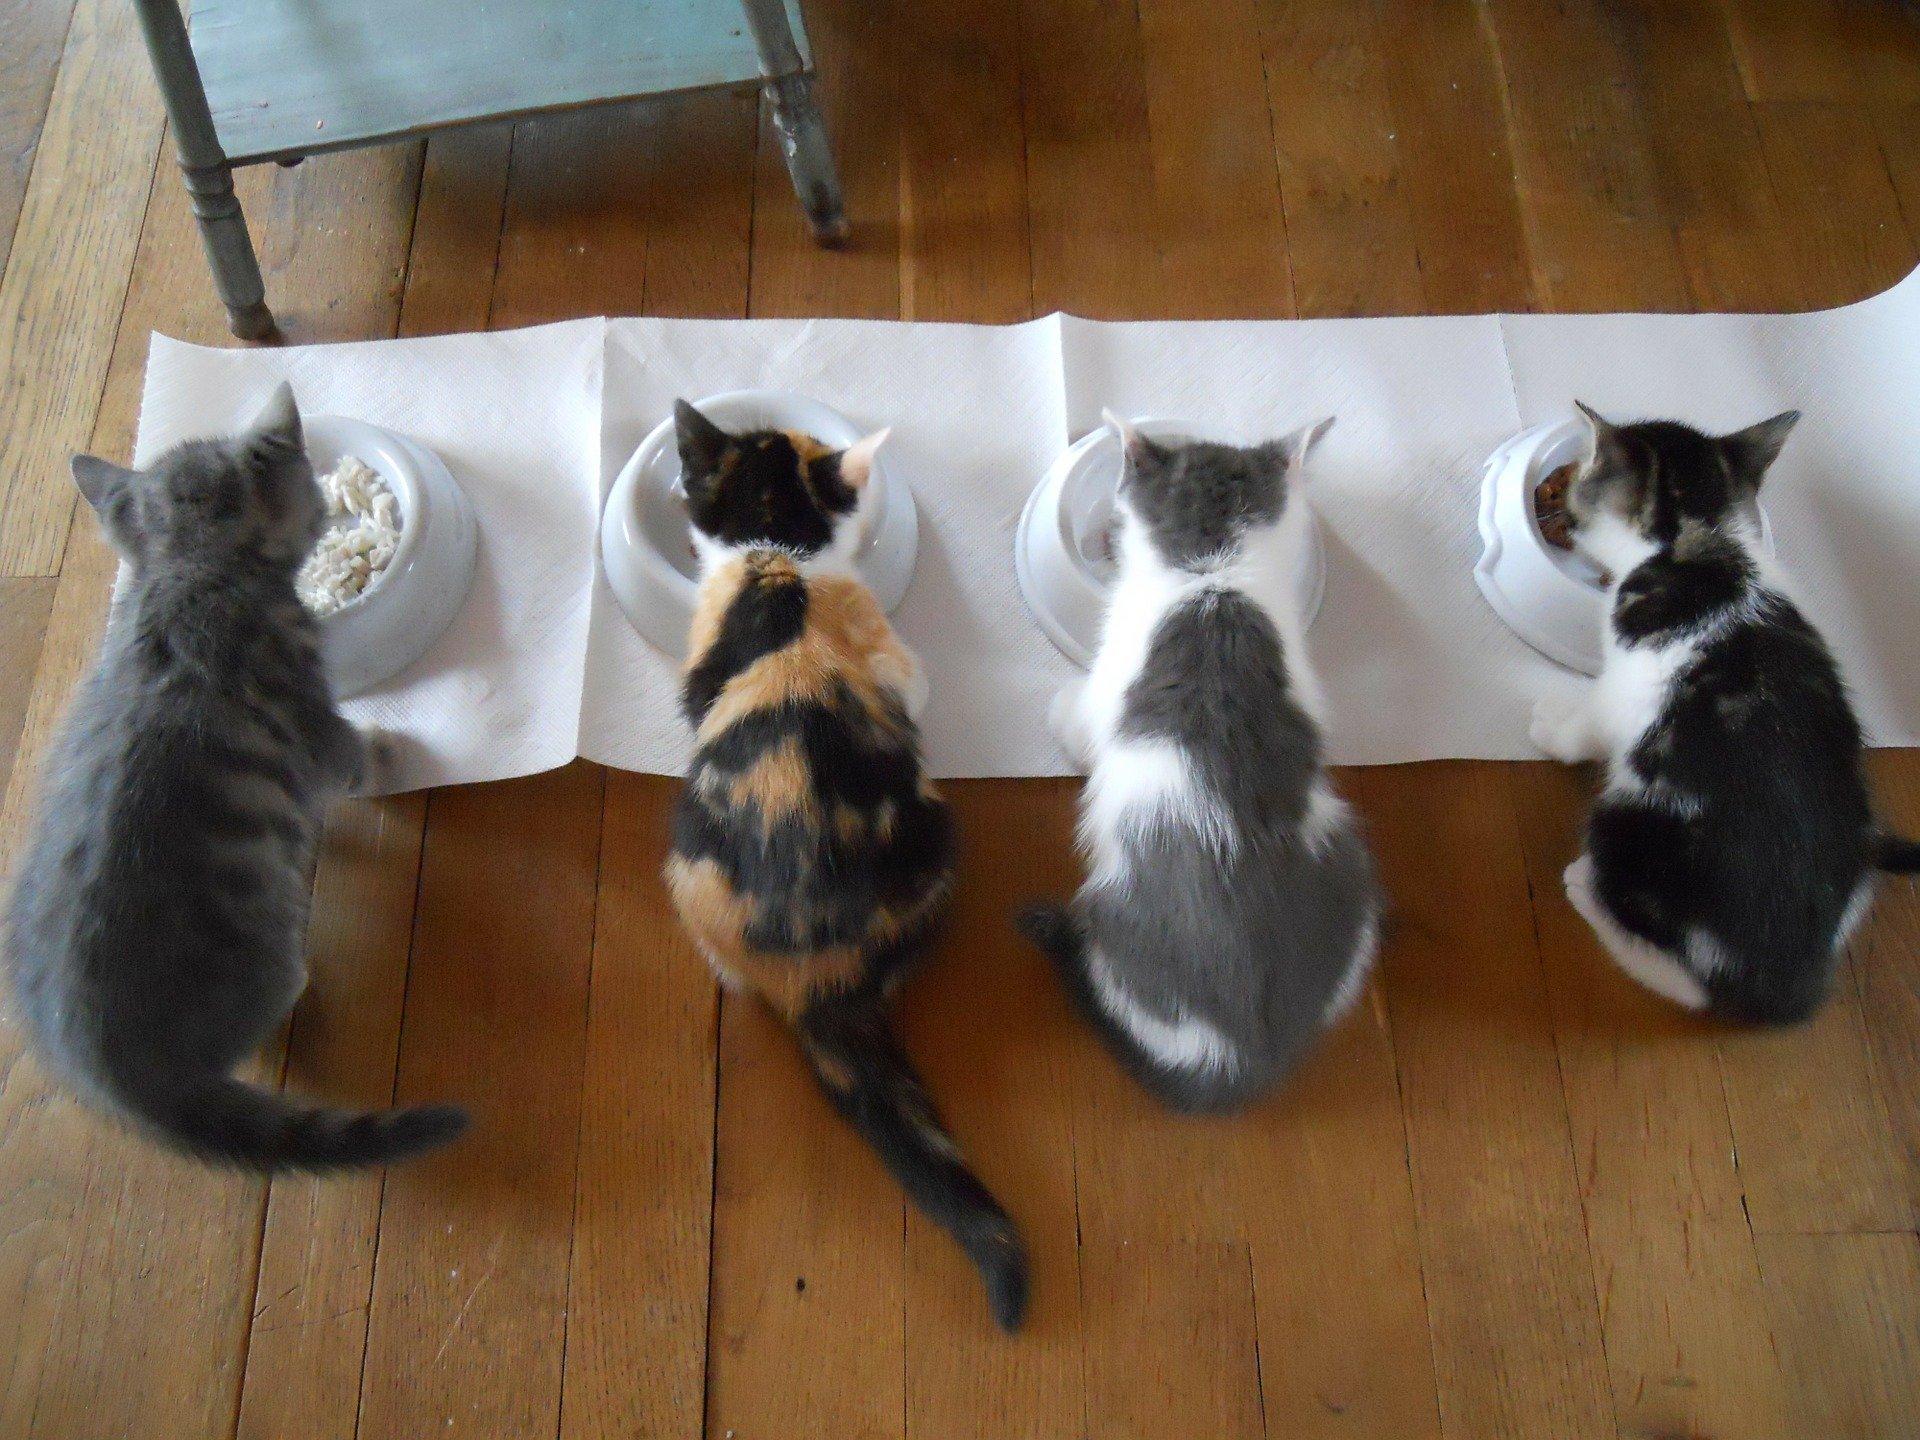 Cibo per gatti fatto in casa, cosa preparare?